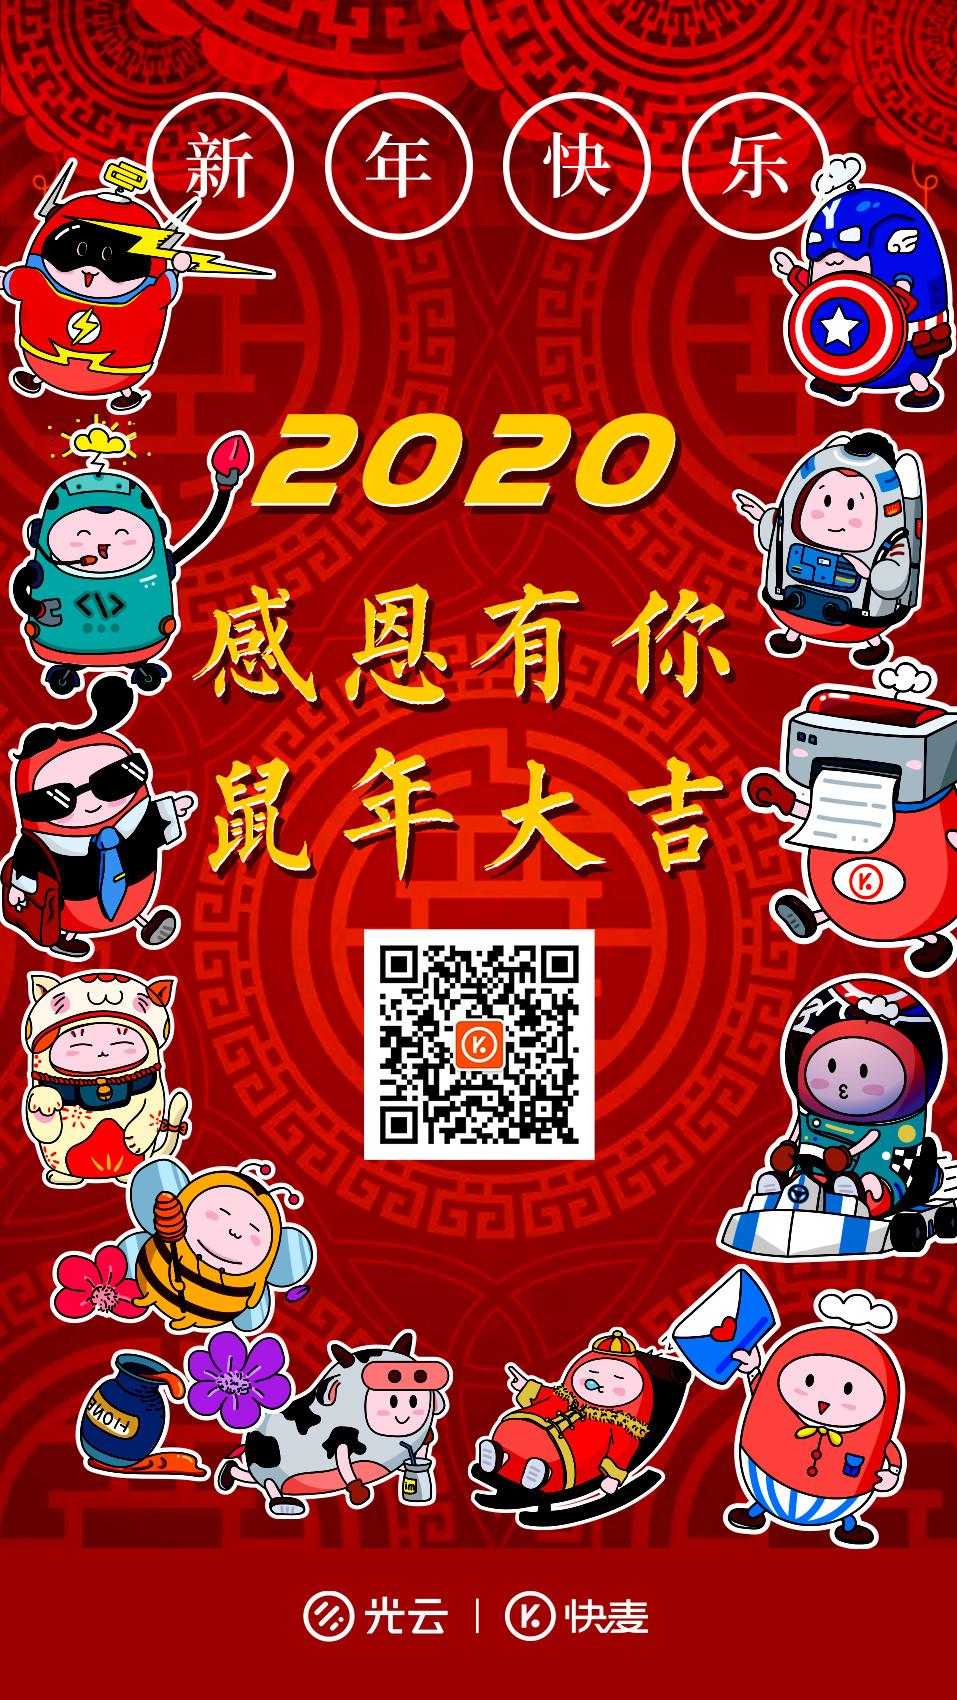 微信图片_20200117170052.jpg